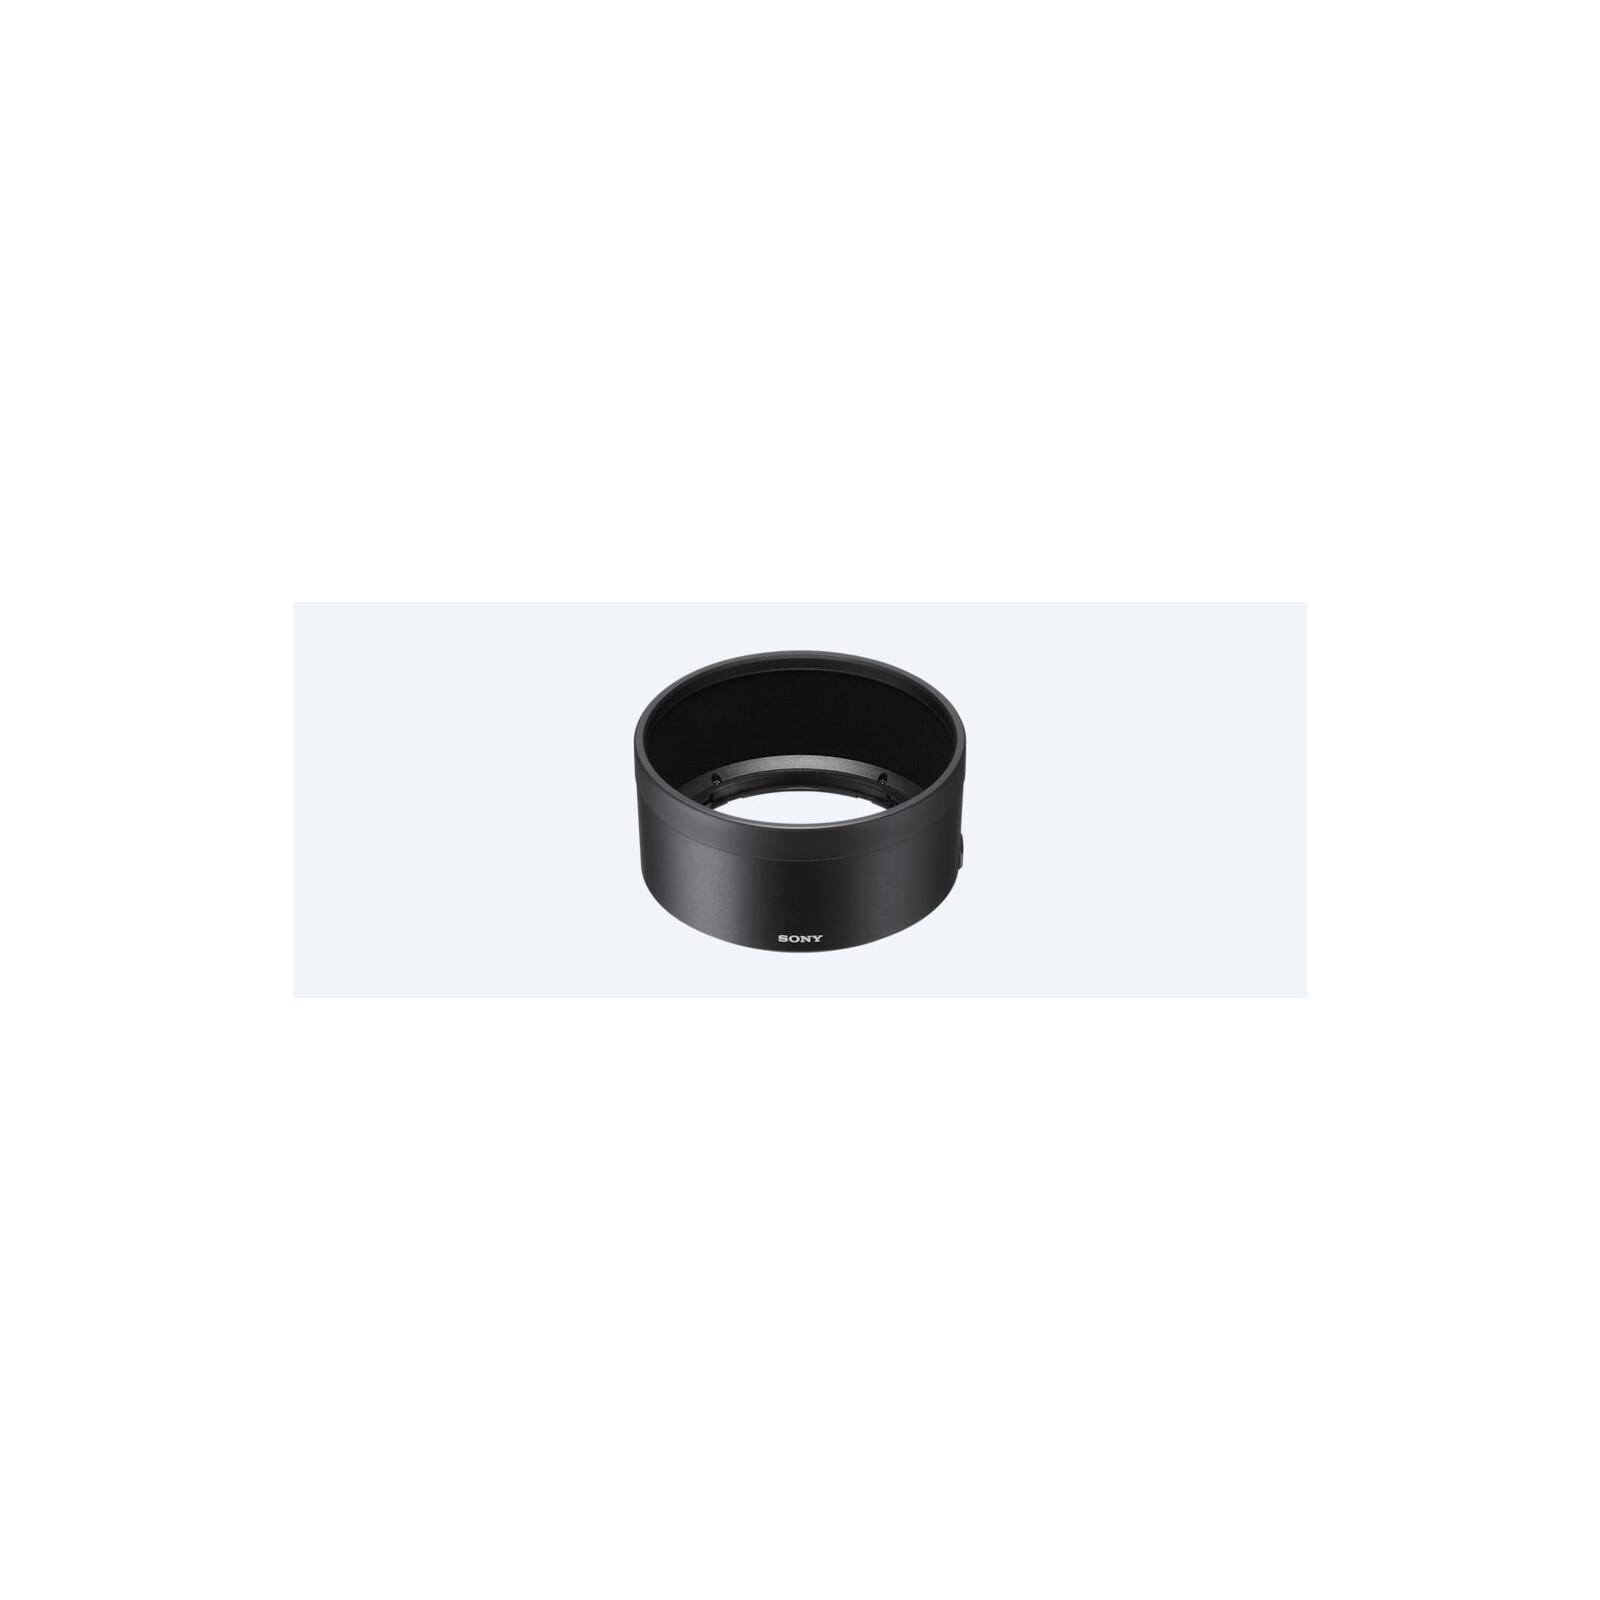 Sony ALC-SH142 Gegenlichtblende